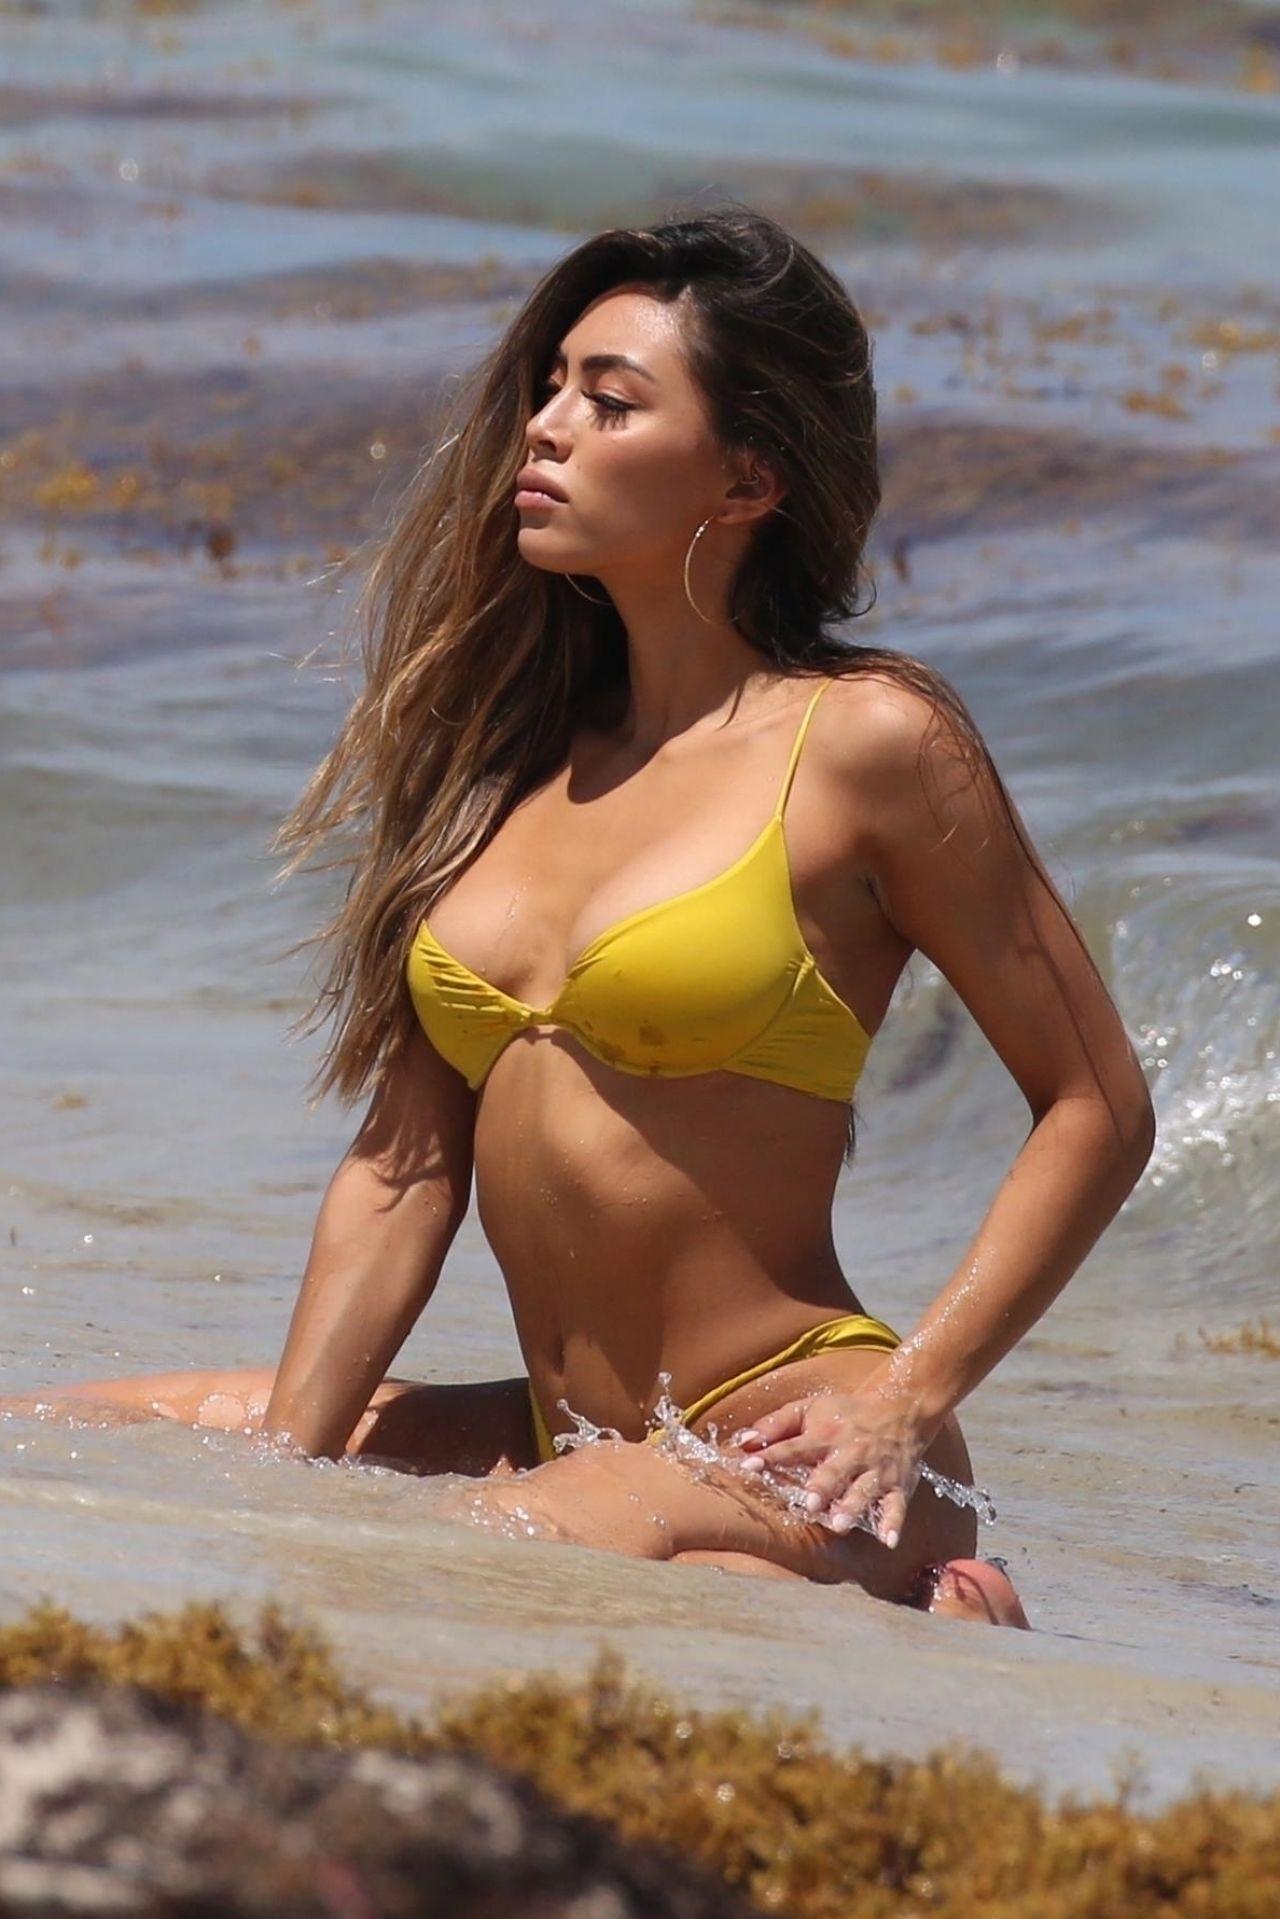 photo Britt rafuson bikini